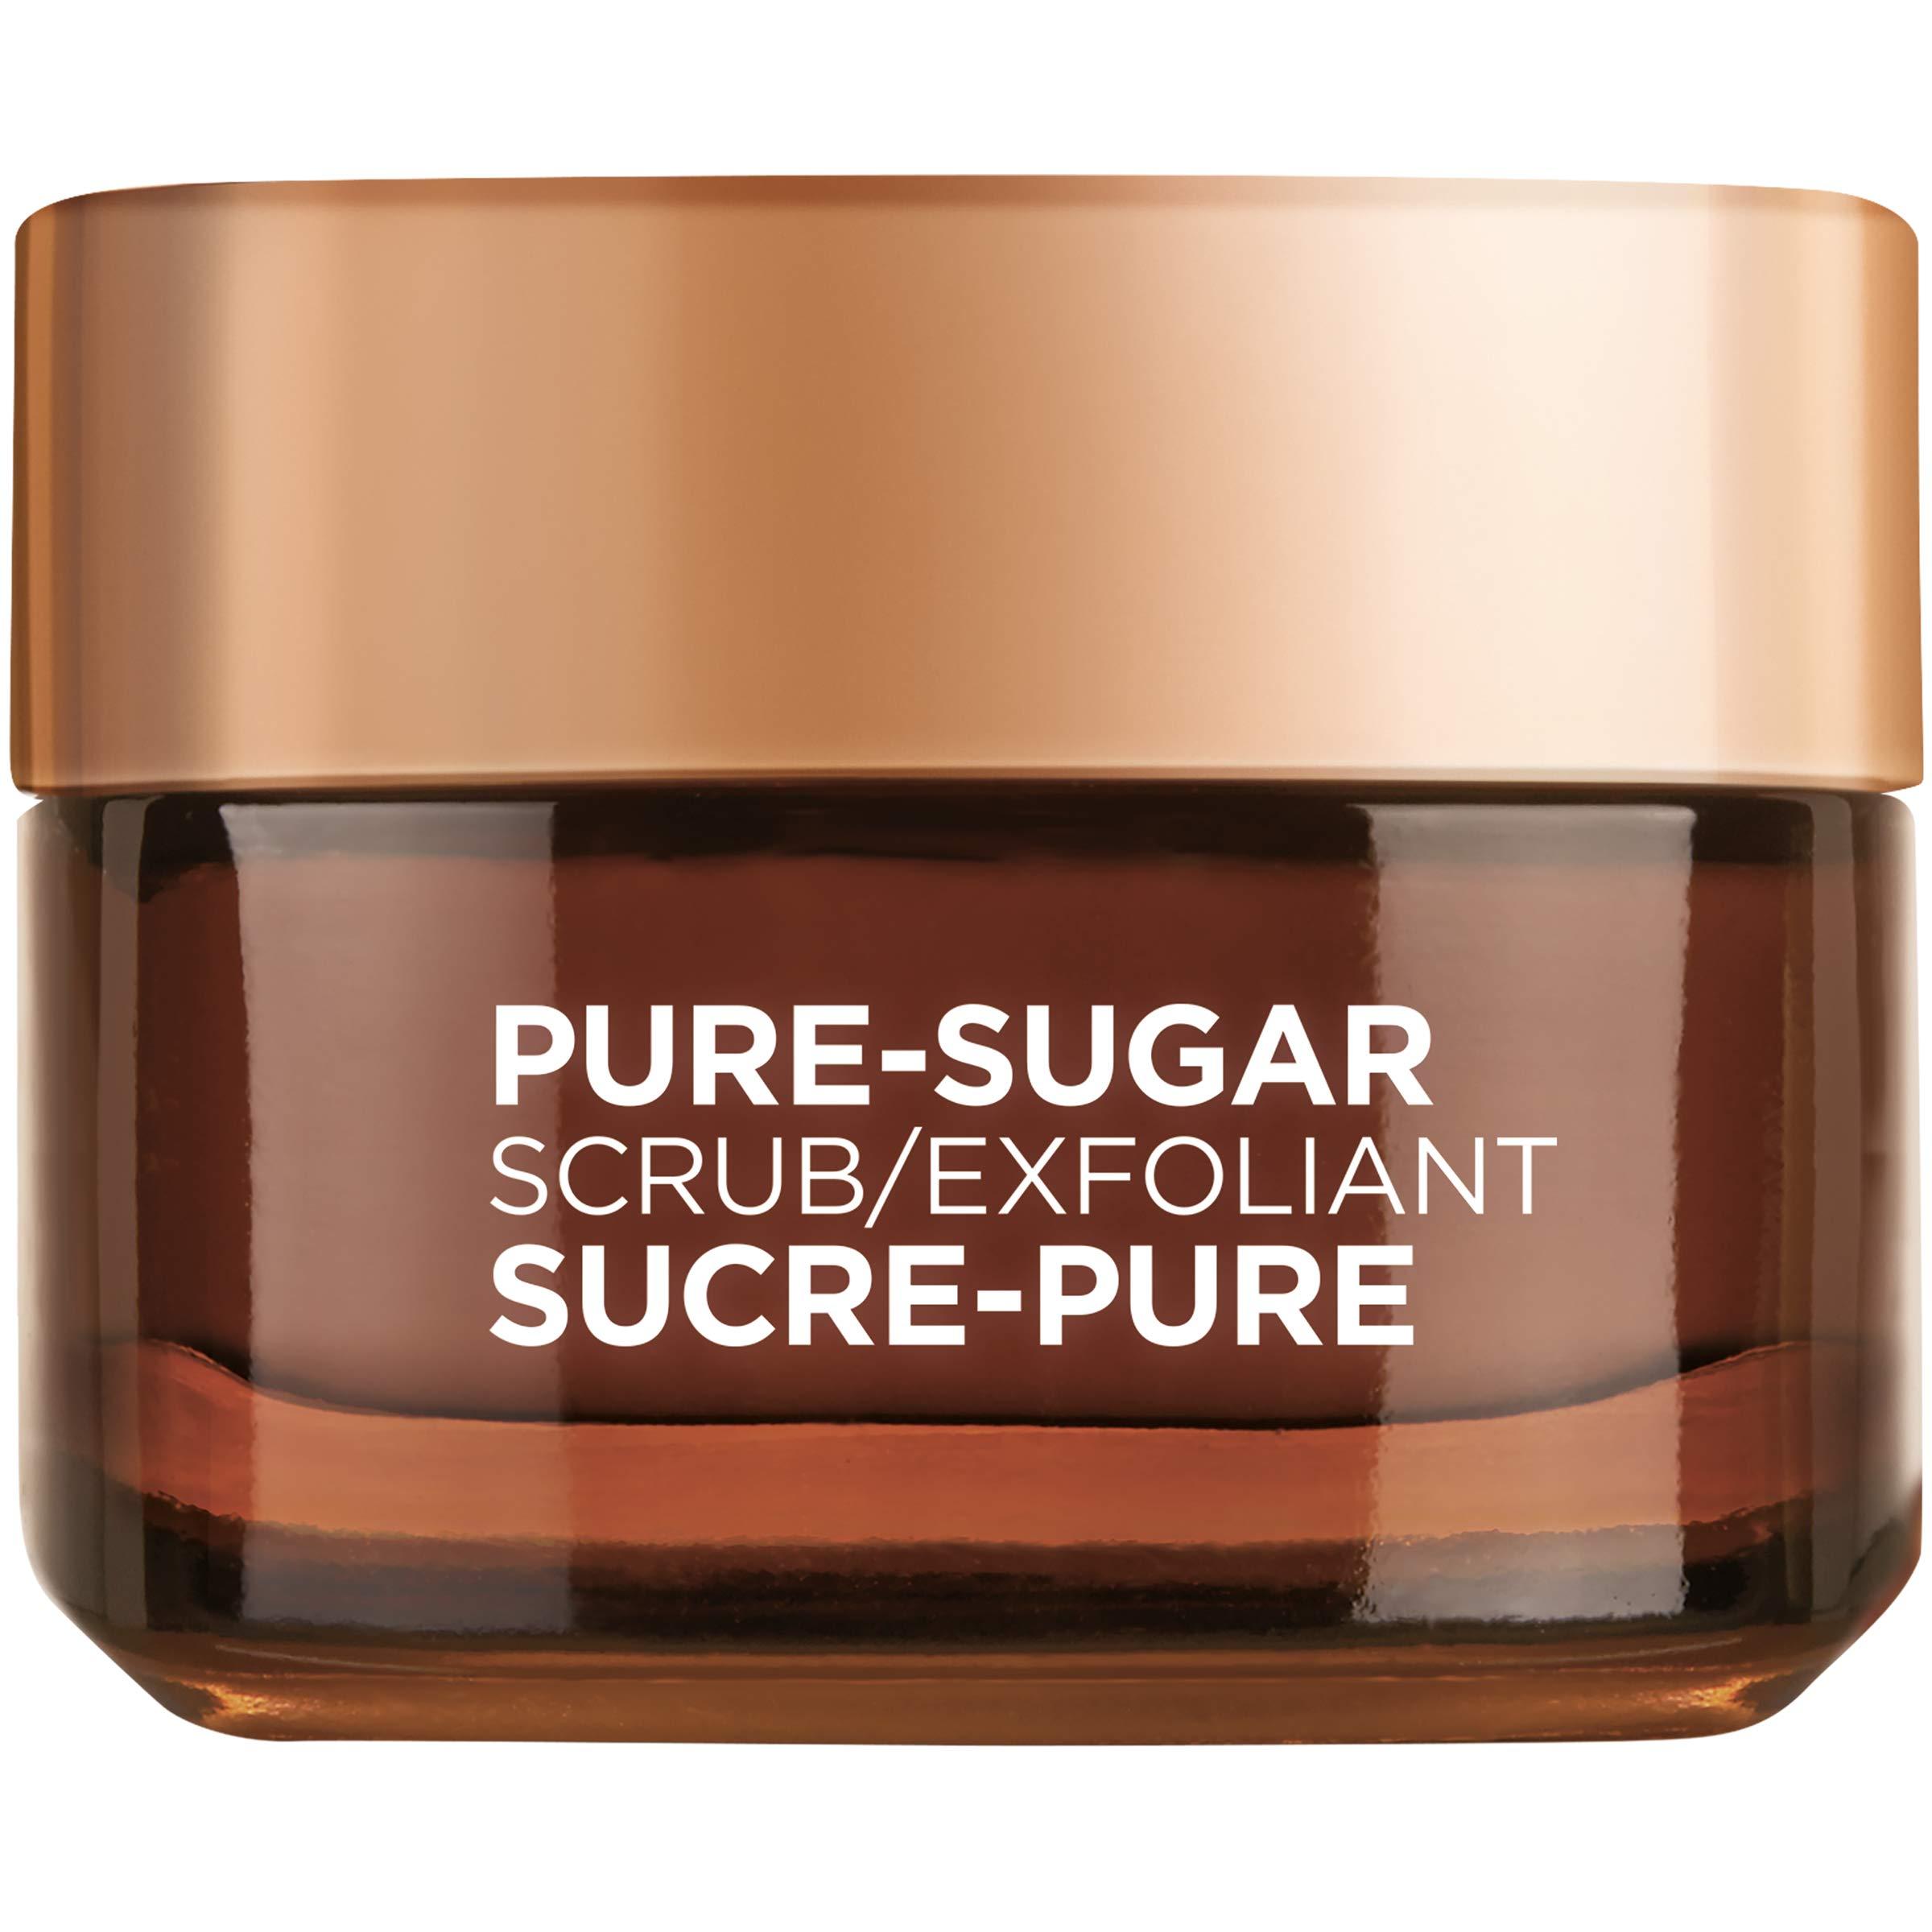 L'Oréal Paris Pure Sugar Scrub Nourish & Soften, 1.7 oz. by L'Oreal Paris